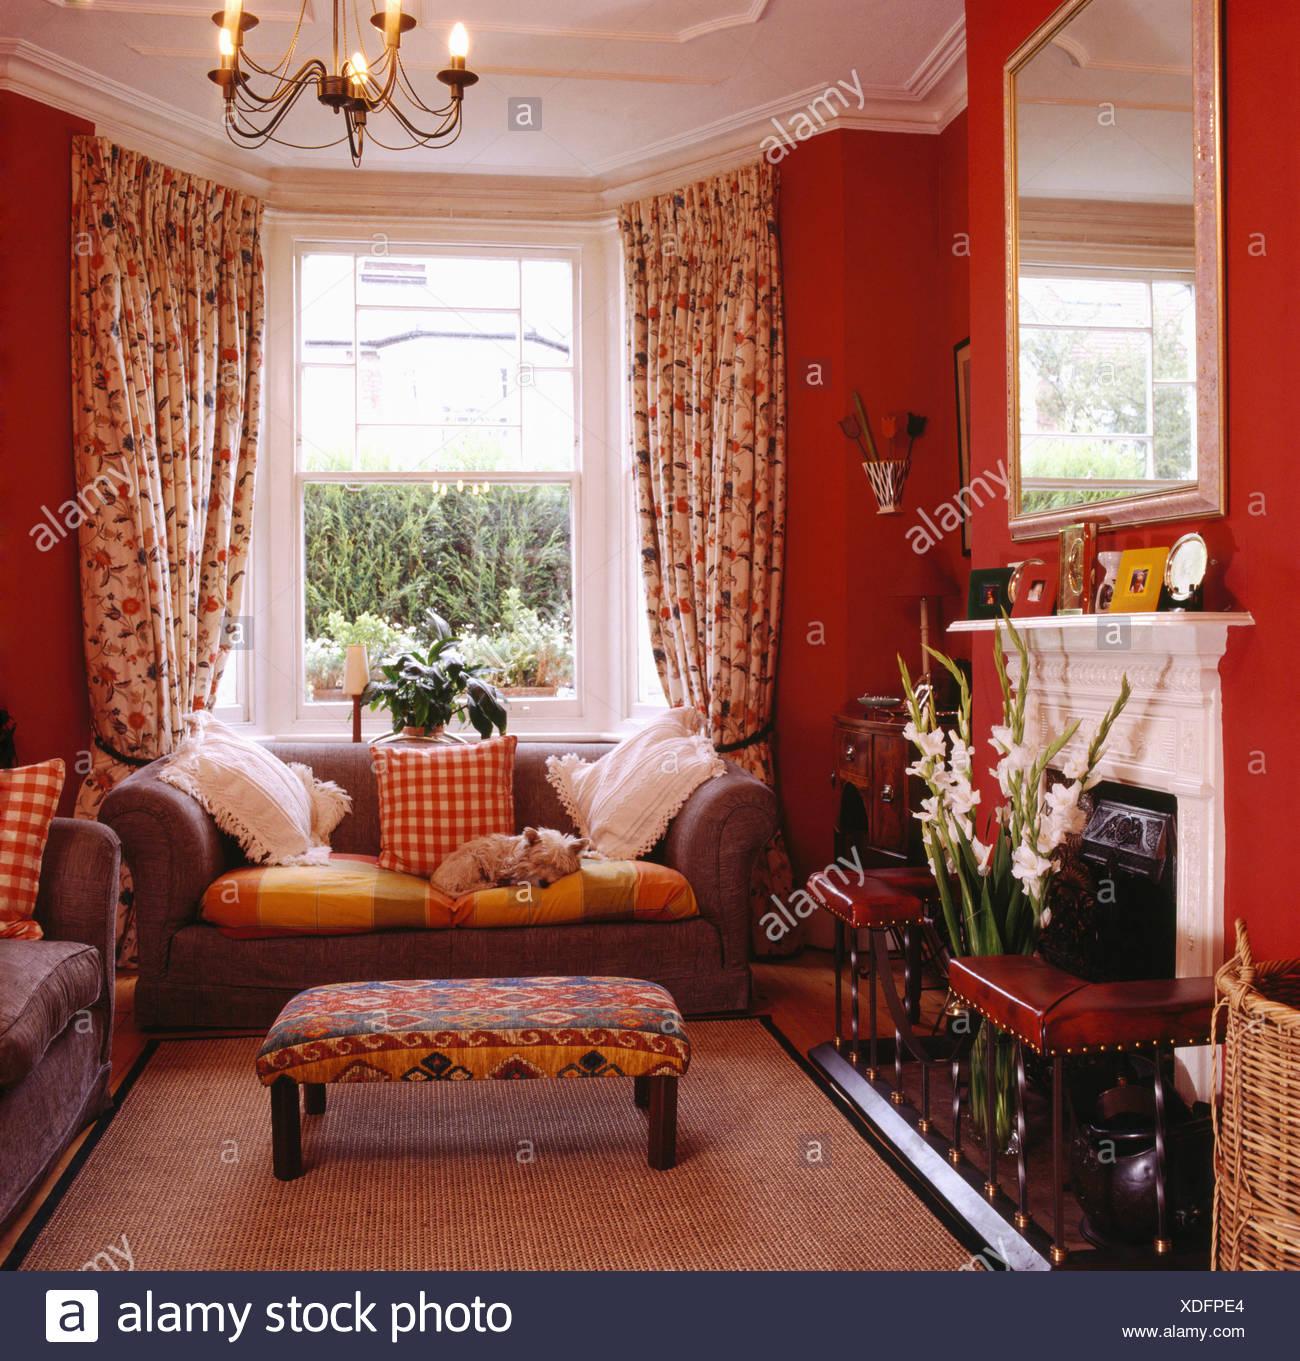 Sofa Vor Fenster gepolsterte hocker und grauen sofa vor fenster mit floral gardinen